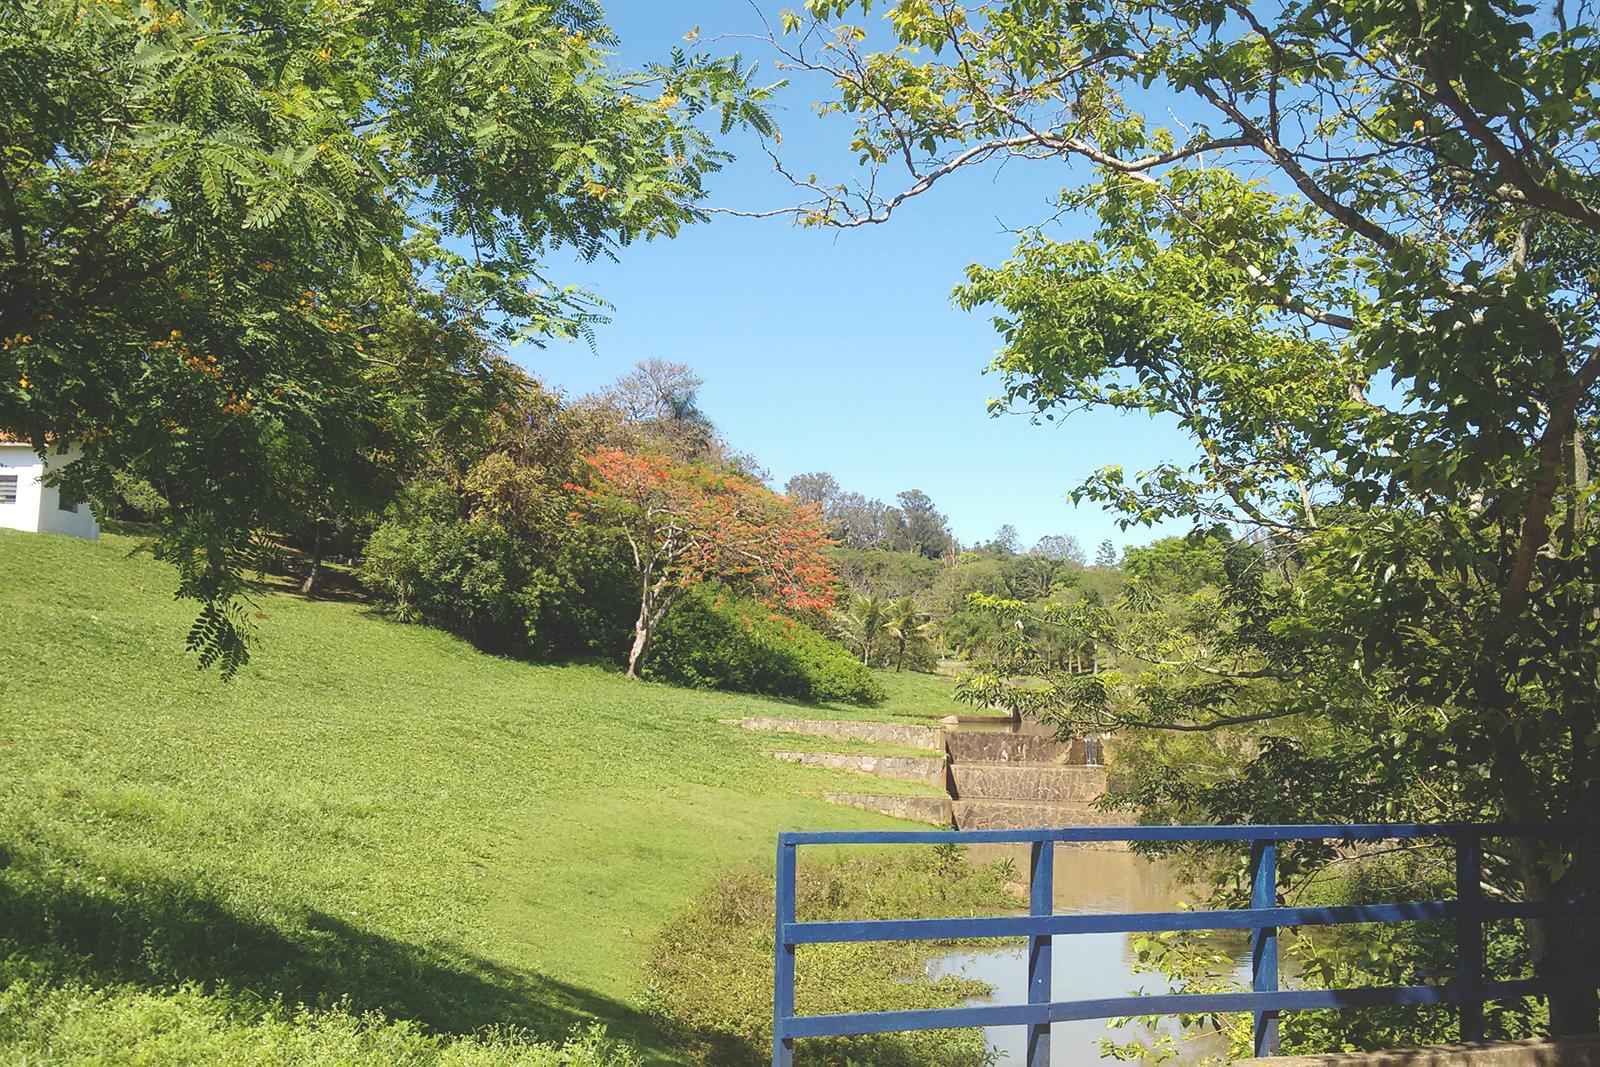 ponte parque ecológico campinas